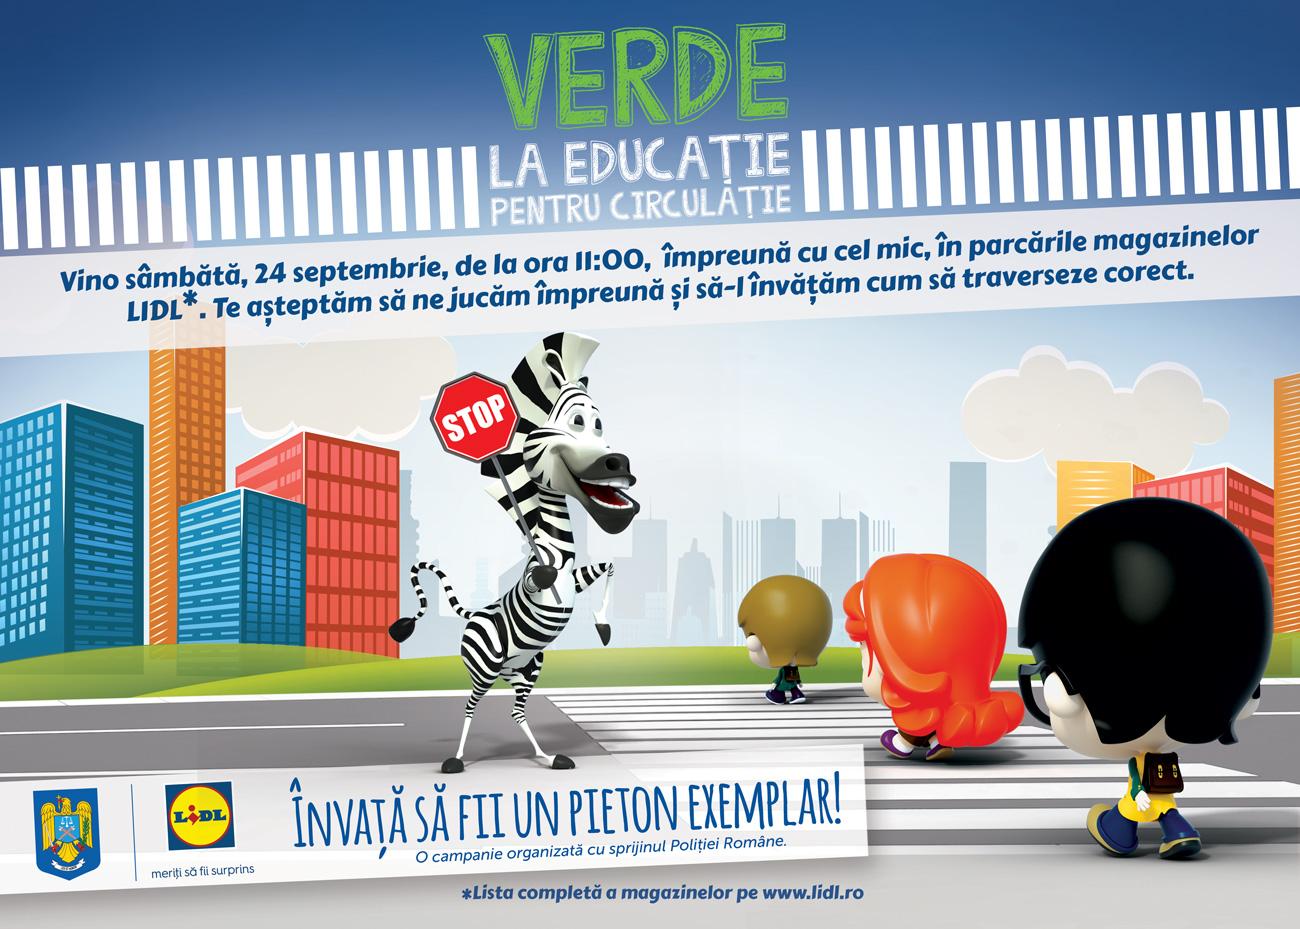 invitatie_lidl_verde-la-educatie-pentru-circulatie_24-09